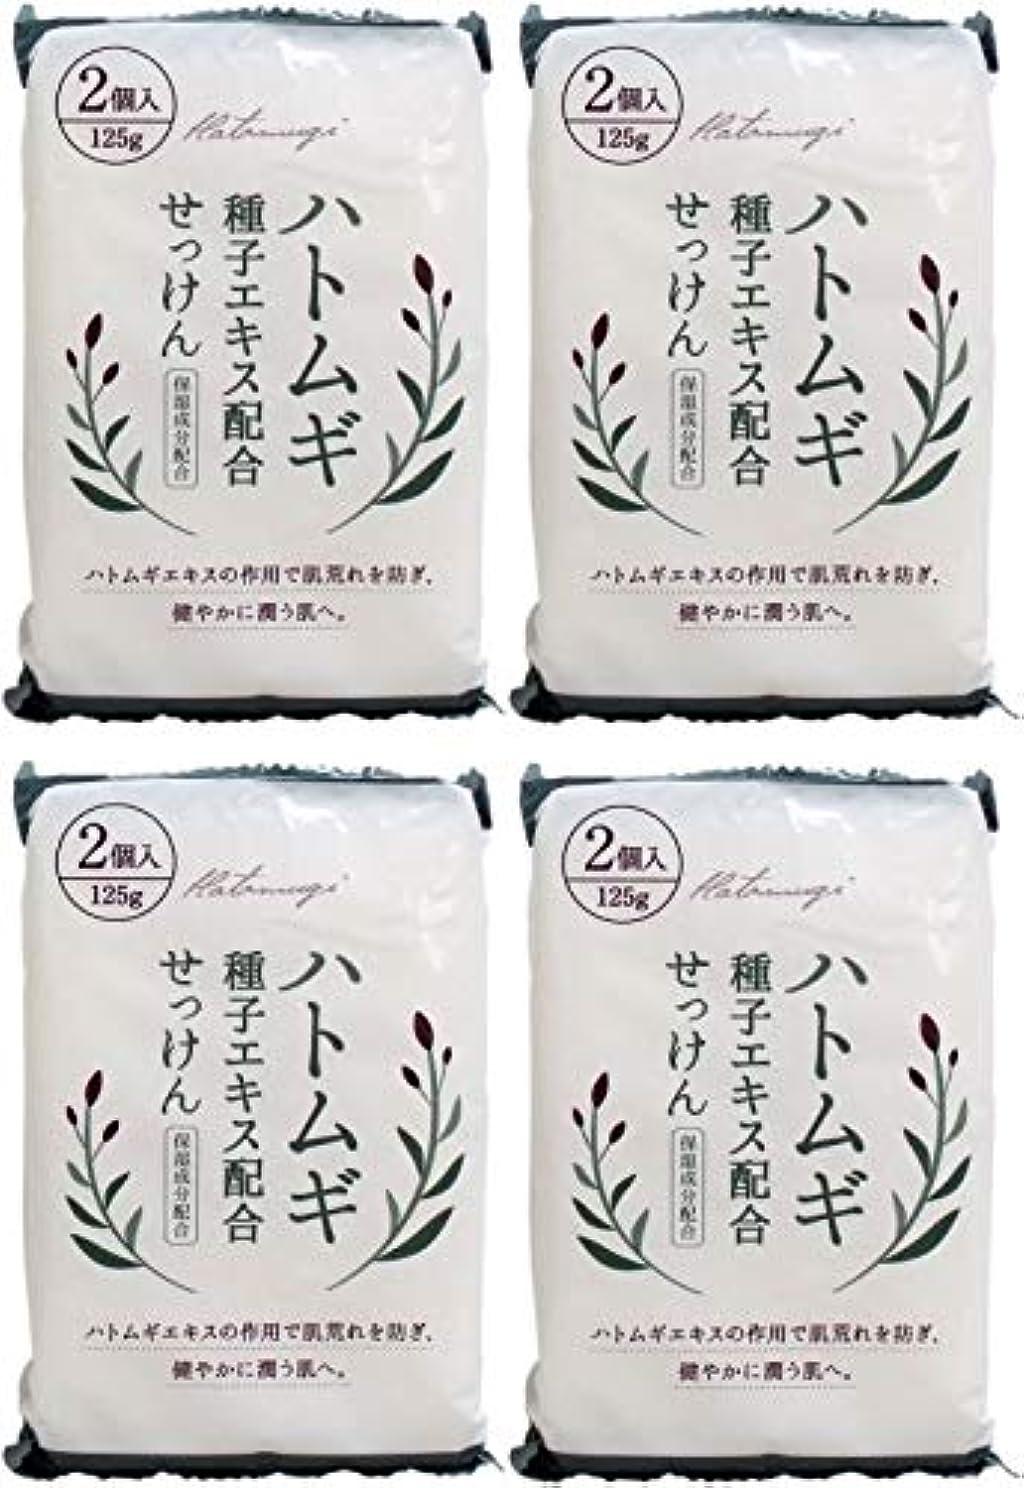 【まとめ買い】ハトムギ種子エキス配合石けん 125g*2コ入【×4個】